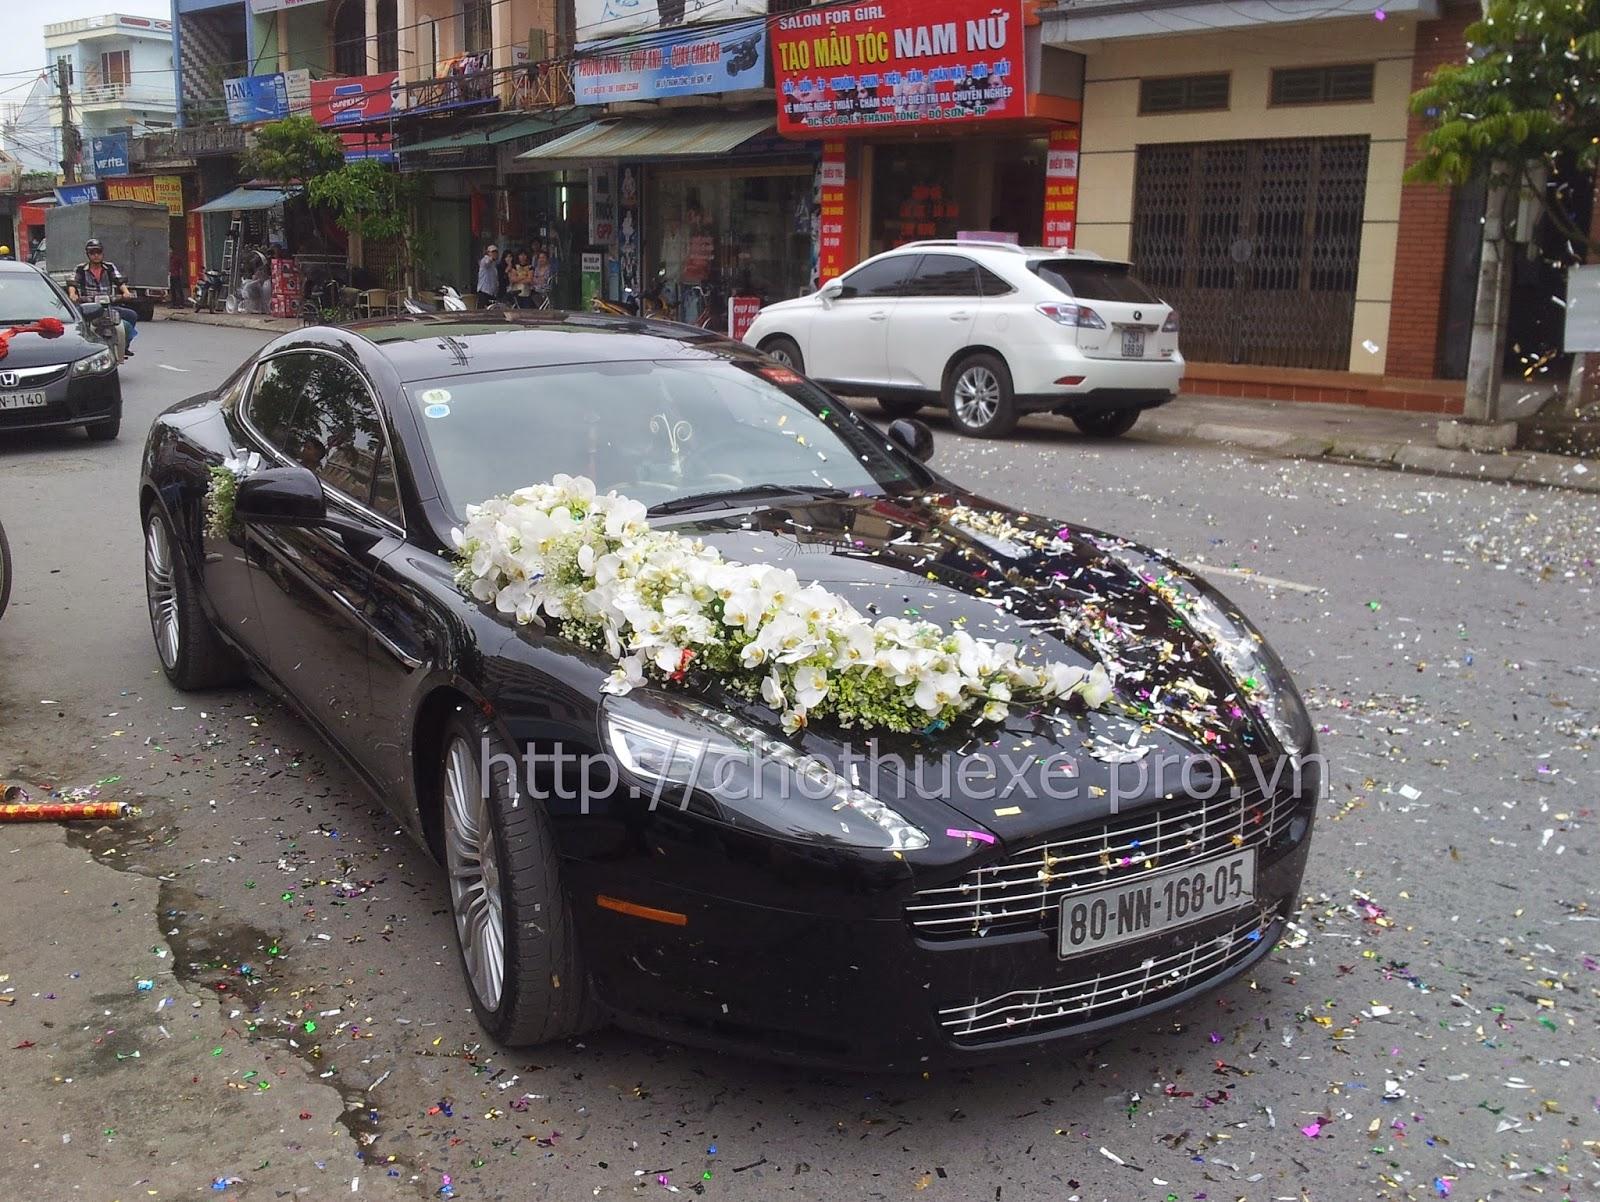 Cho thuê siêu xe đám cưới  Aston Martin Rapide ở Đức Vinh Trans 1